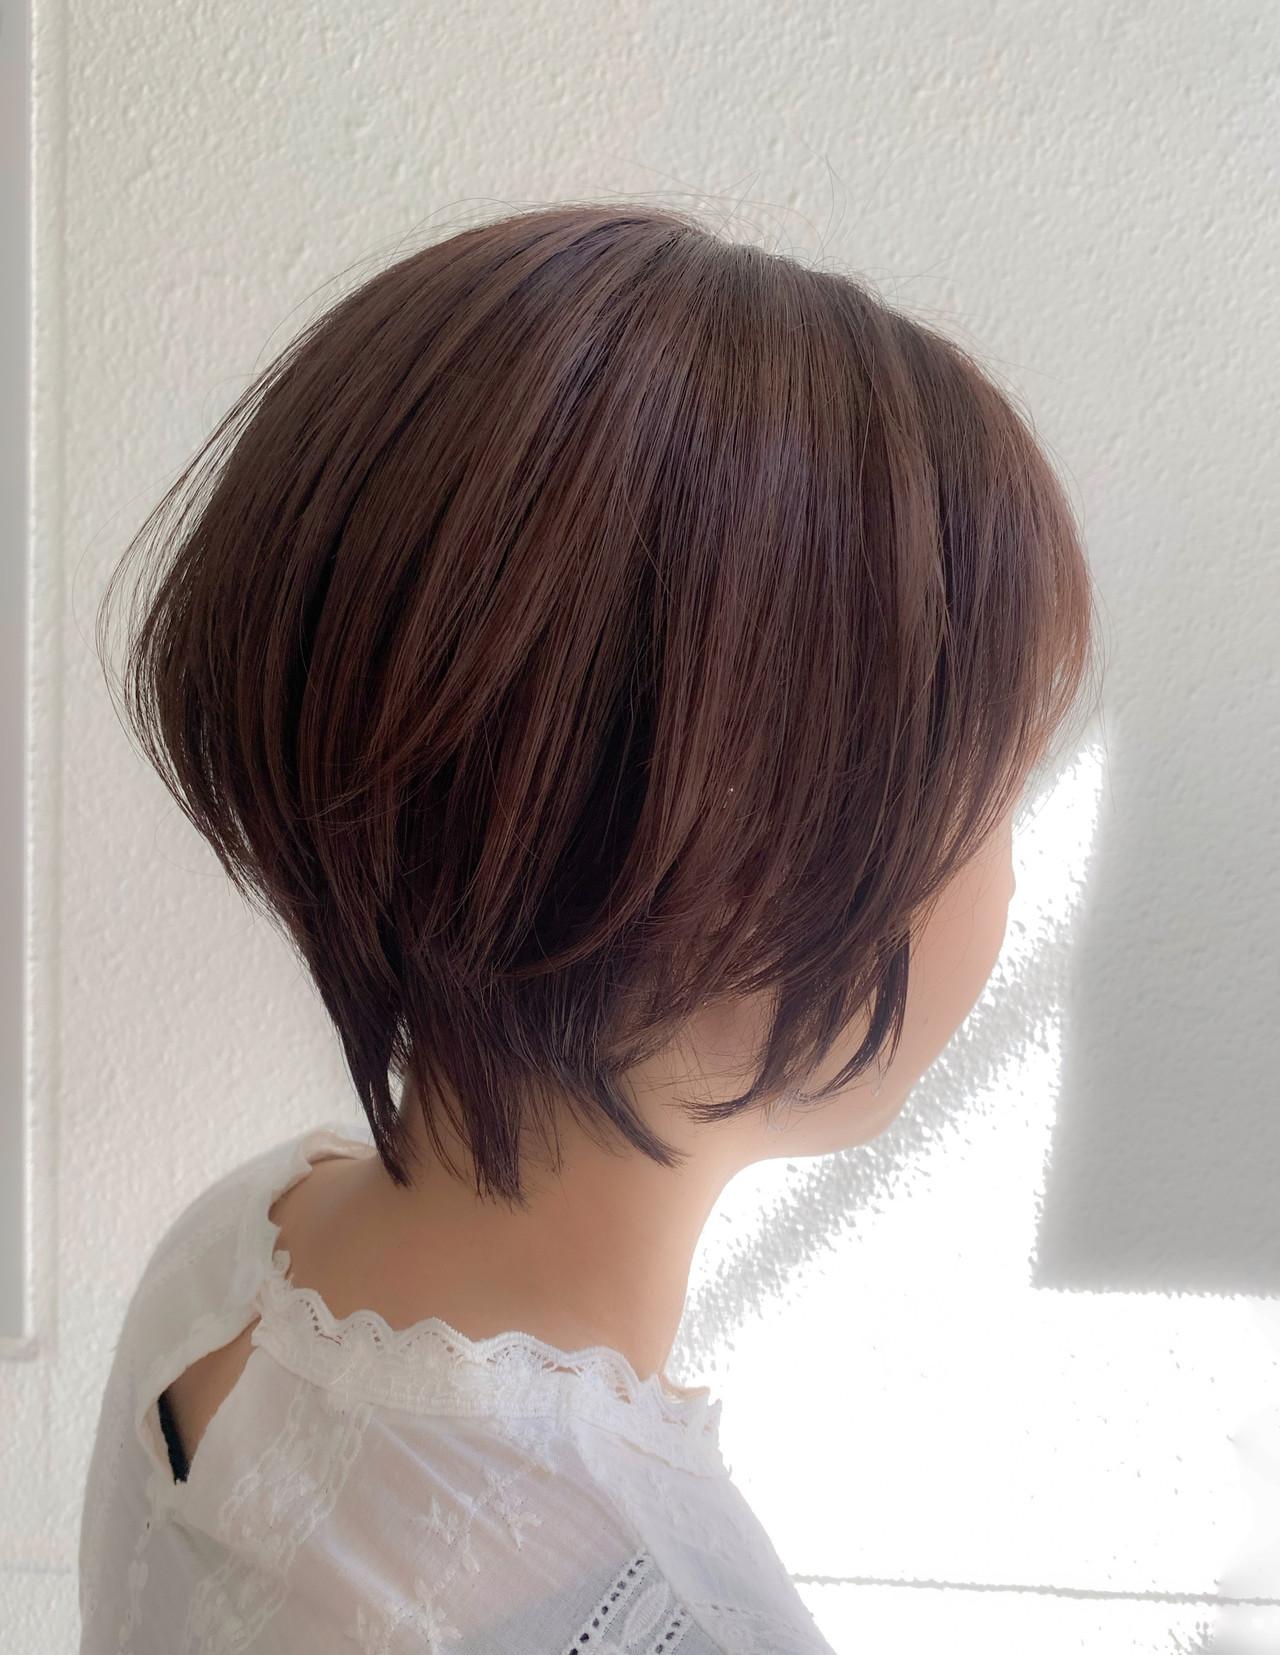 ショートボブ ショートヘア ショート ナチュラル ヘアスタイルや髪型の写真・画像 | 加茂悠太 alco / alco三軒茶屋(アルコ)